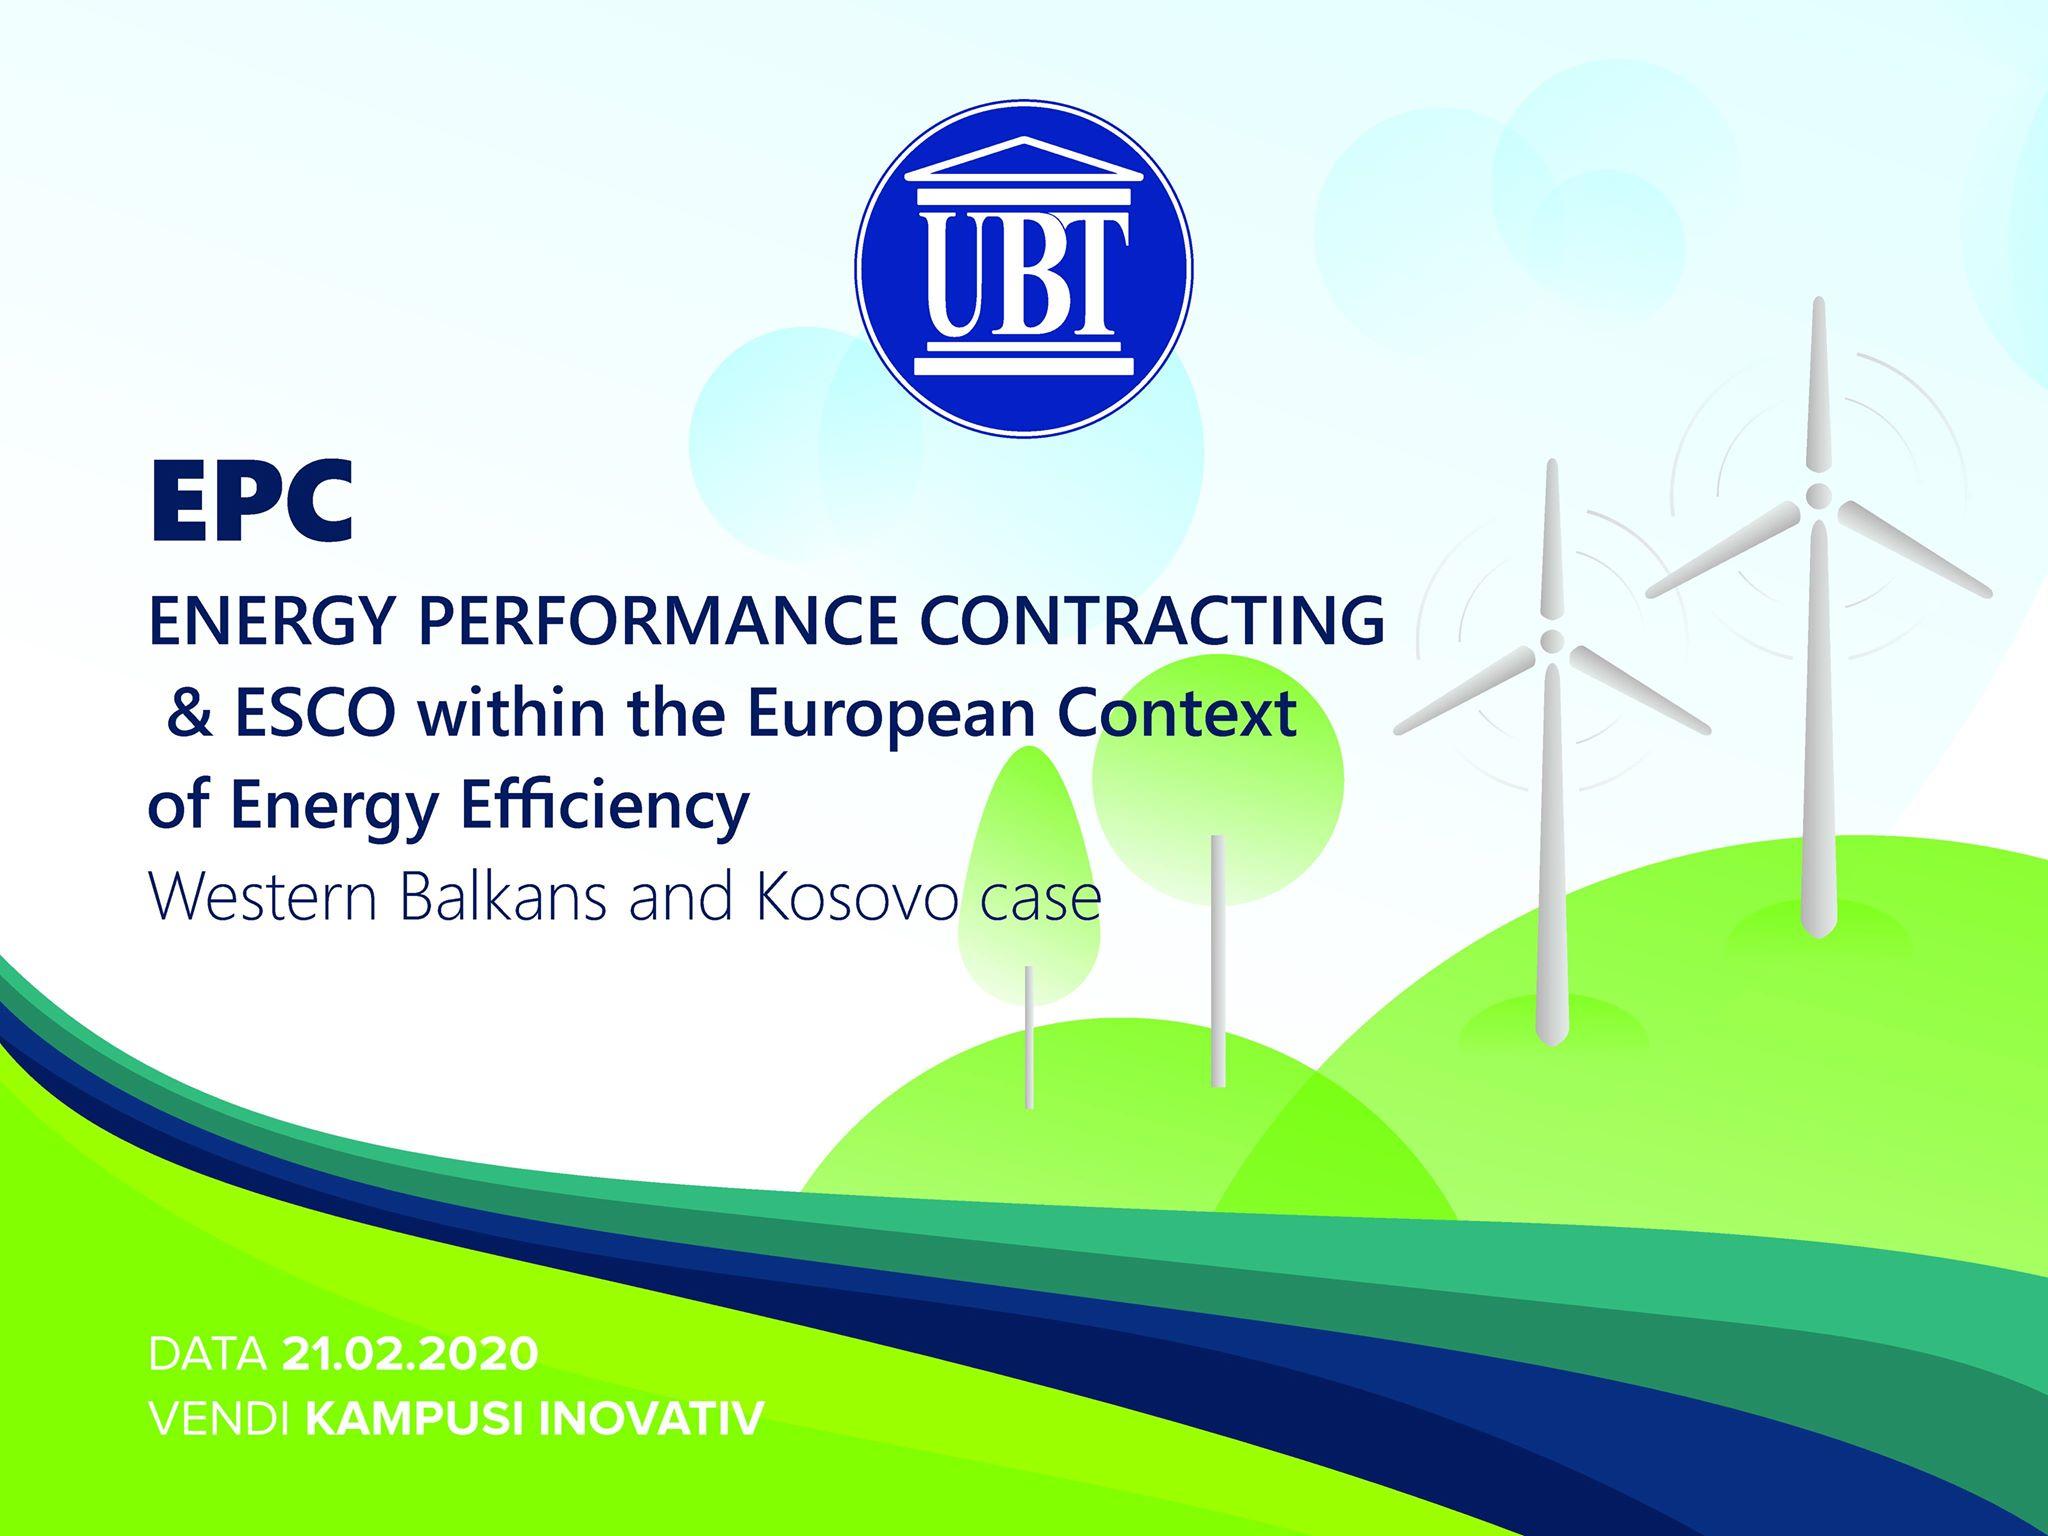 """Në UBT do të mbahet konferenca me temë: """"EPC -Marrëveshjet Kontraktuale për Performancën e Energjisë & ESCO në Kontekstin Evropian të Efiçiencës së Energjisë – Rasti i Ballkanit Perëndimor dhe Kosovës"""""""